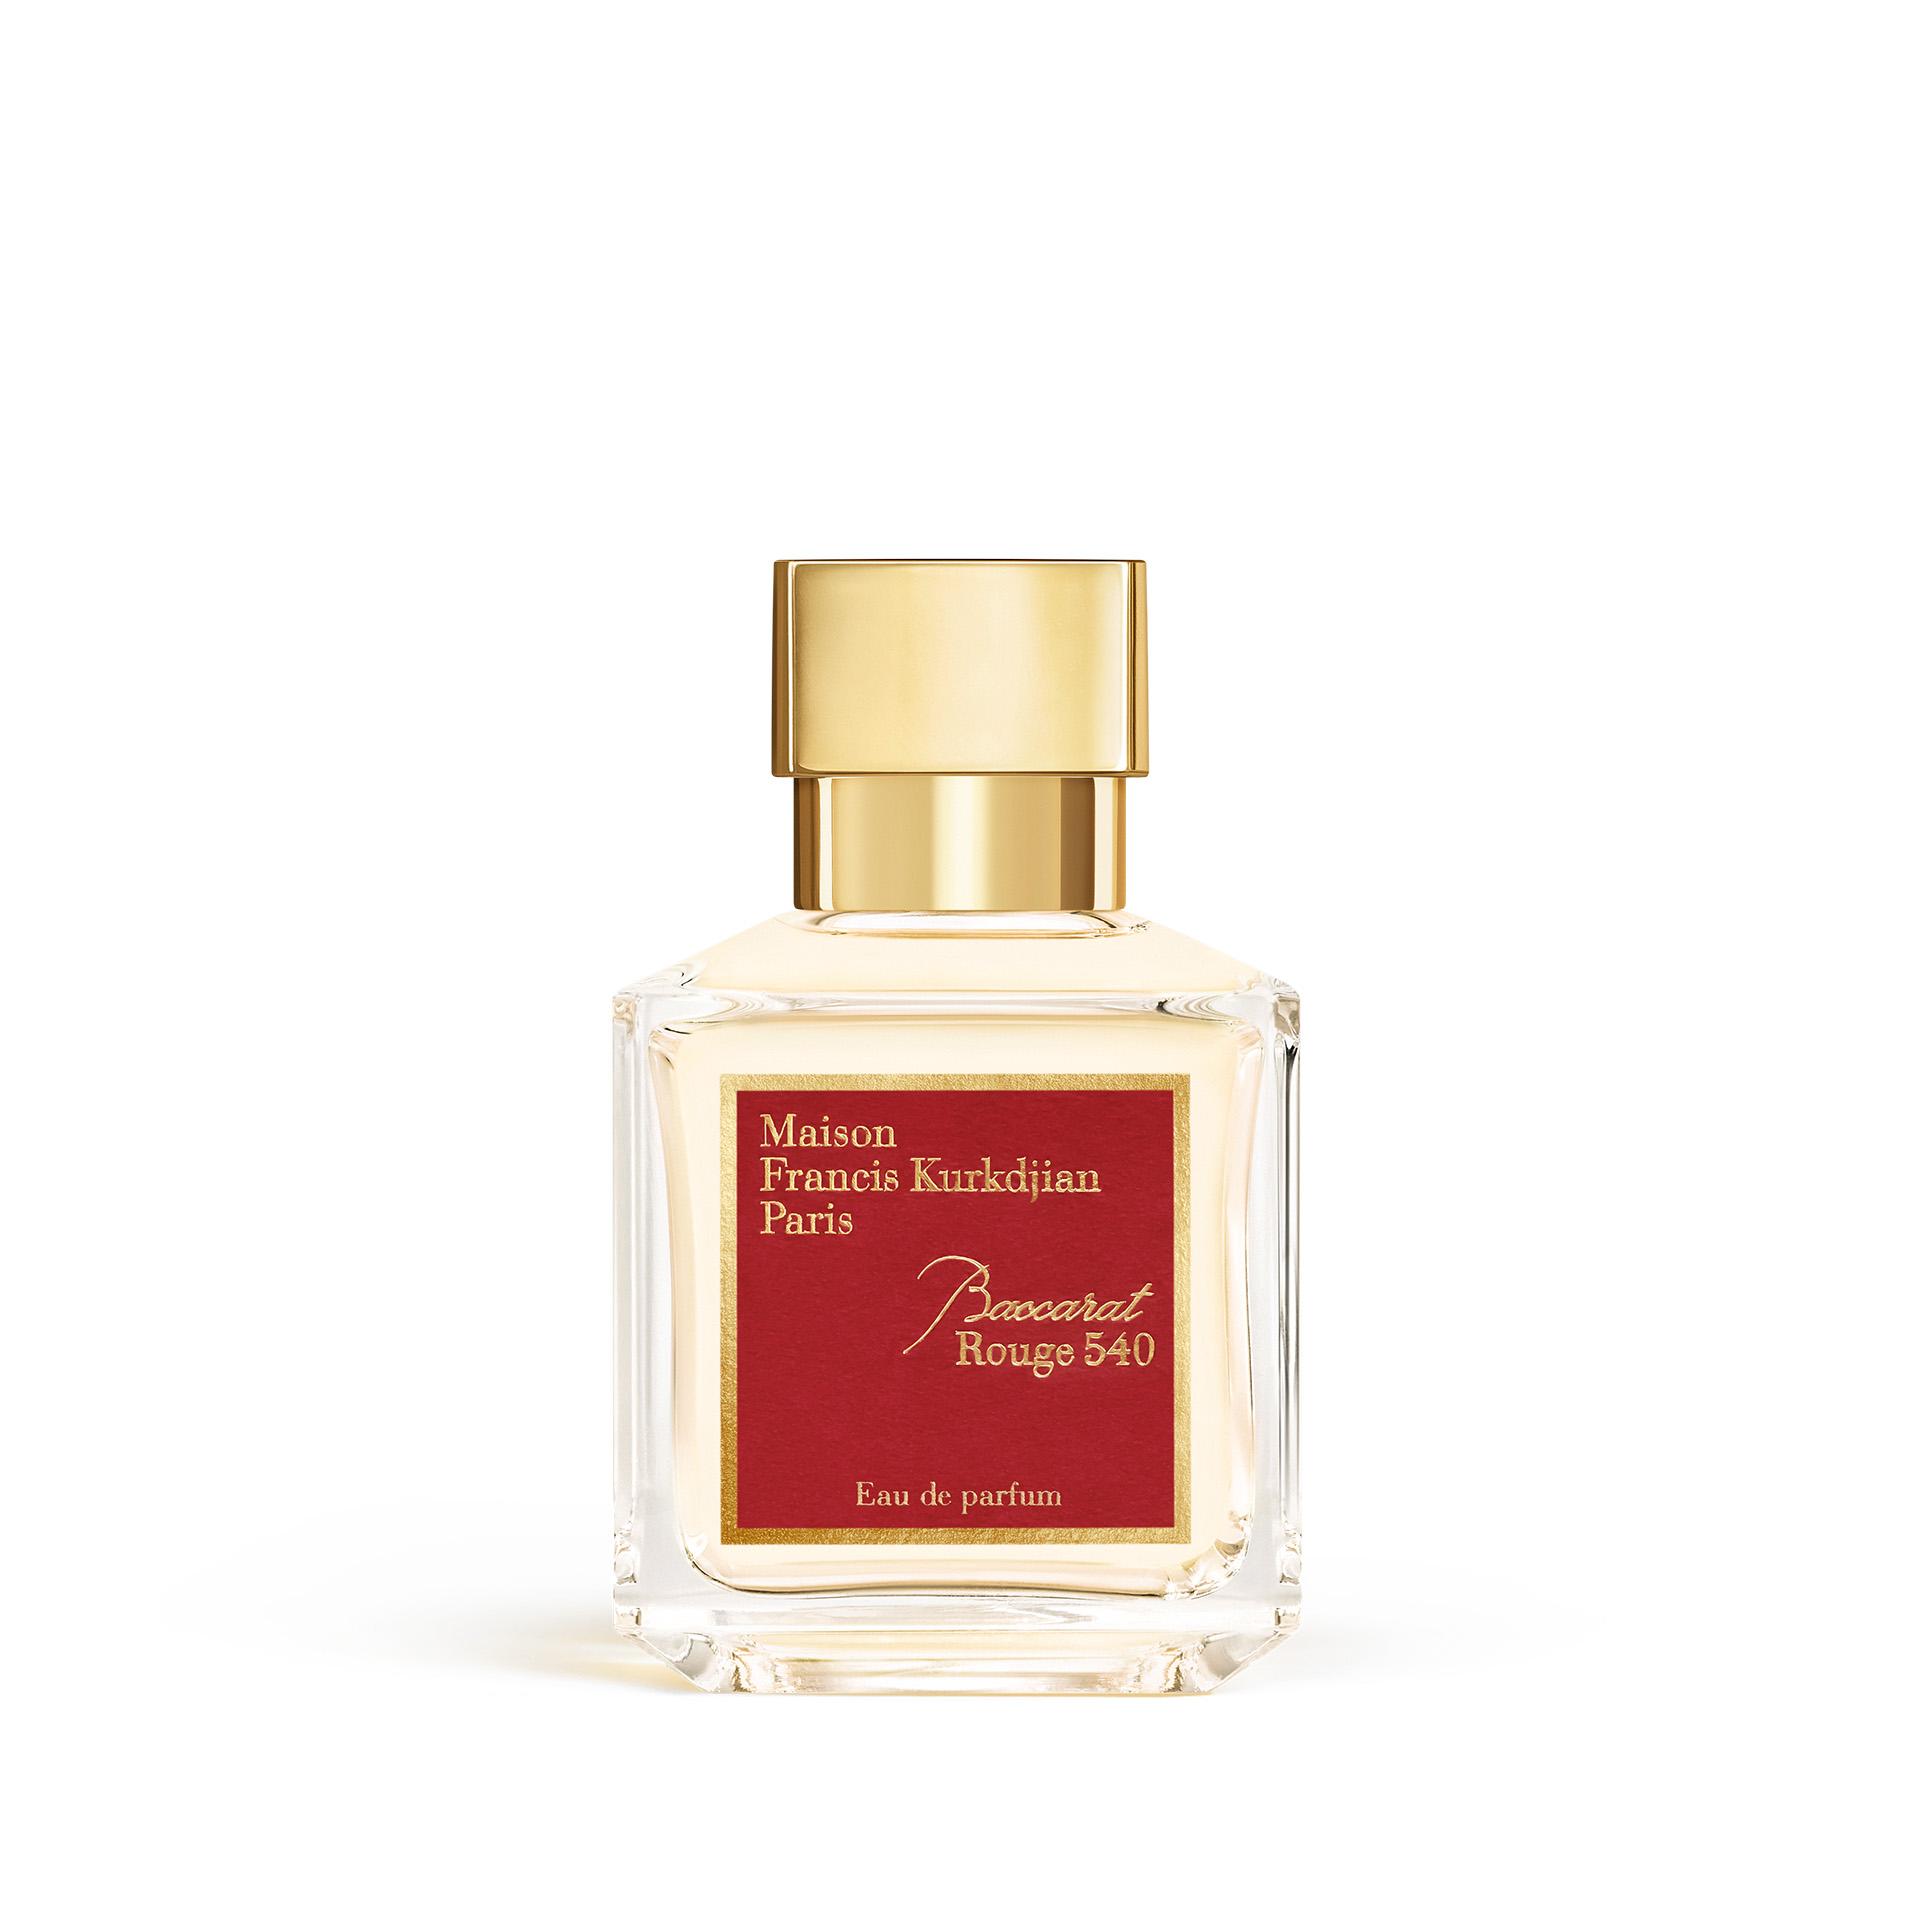 Rouge 540 Eau De Parfum Baccarat Baccarat